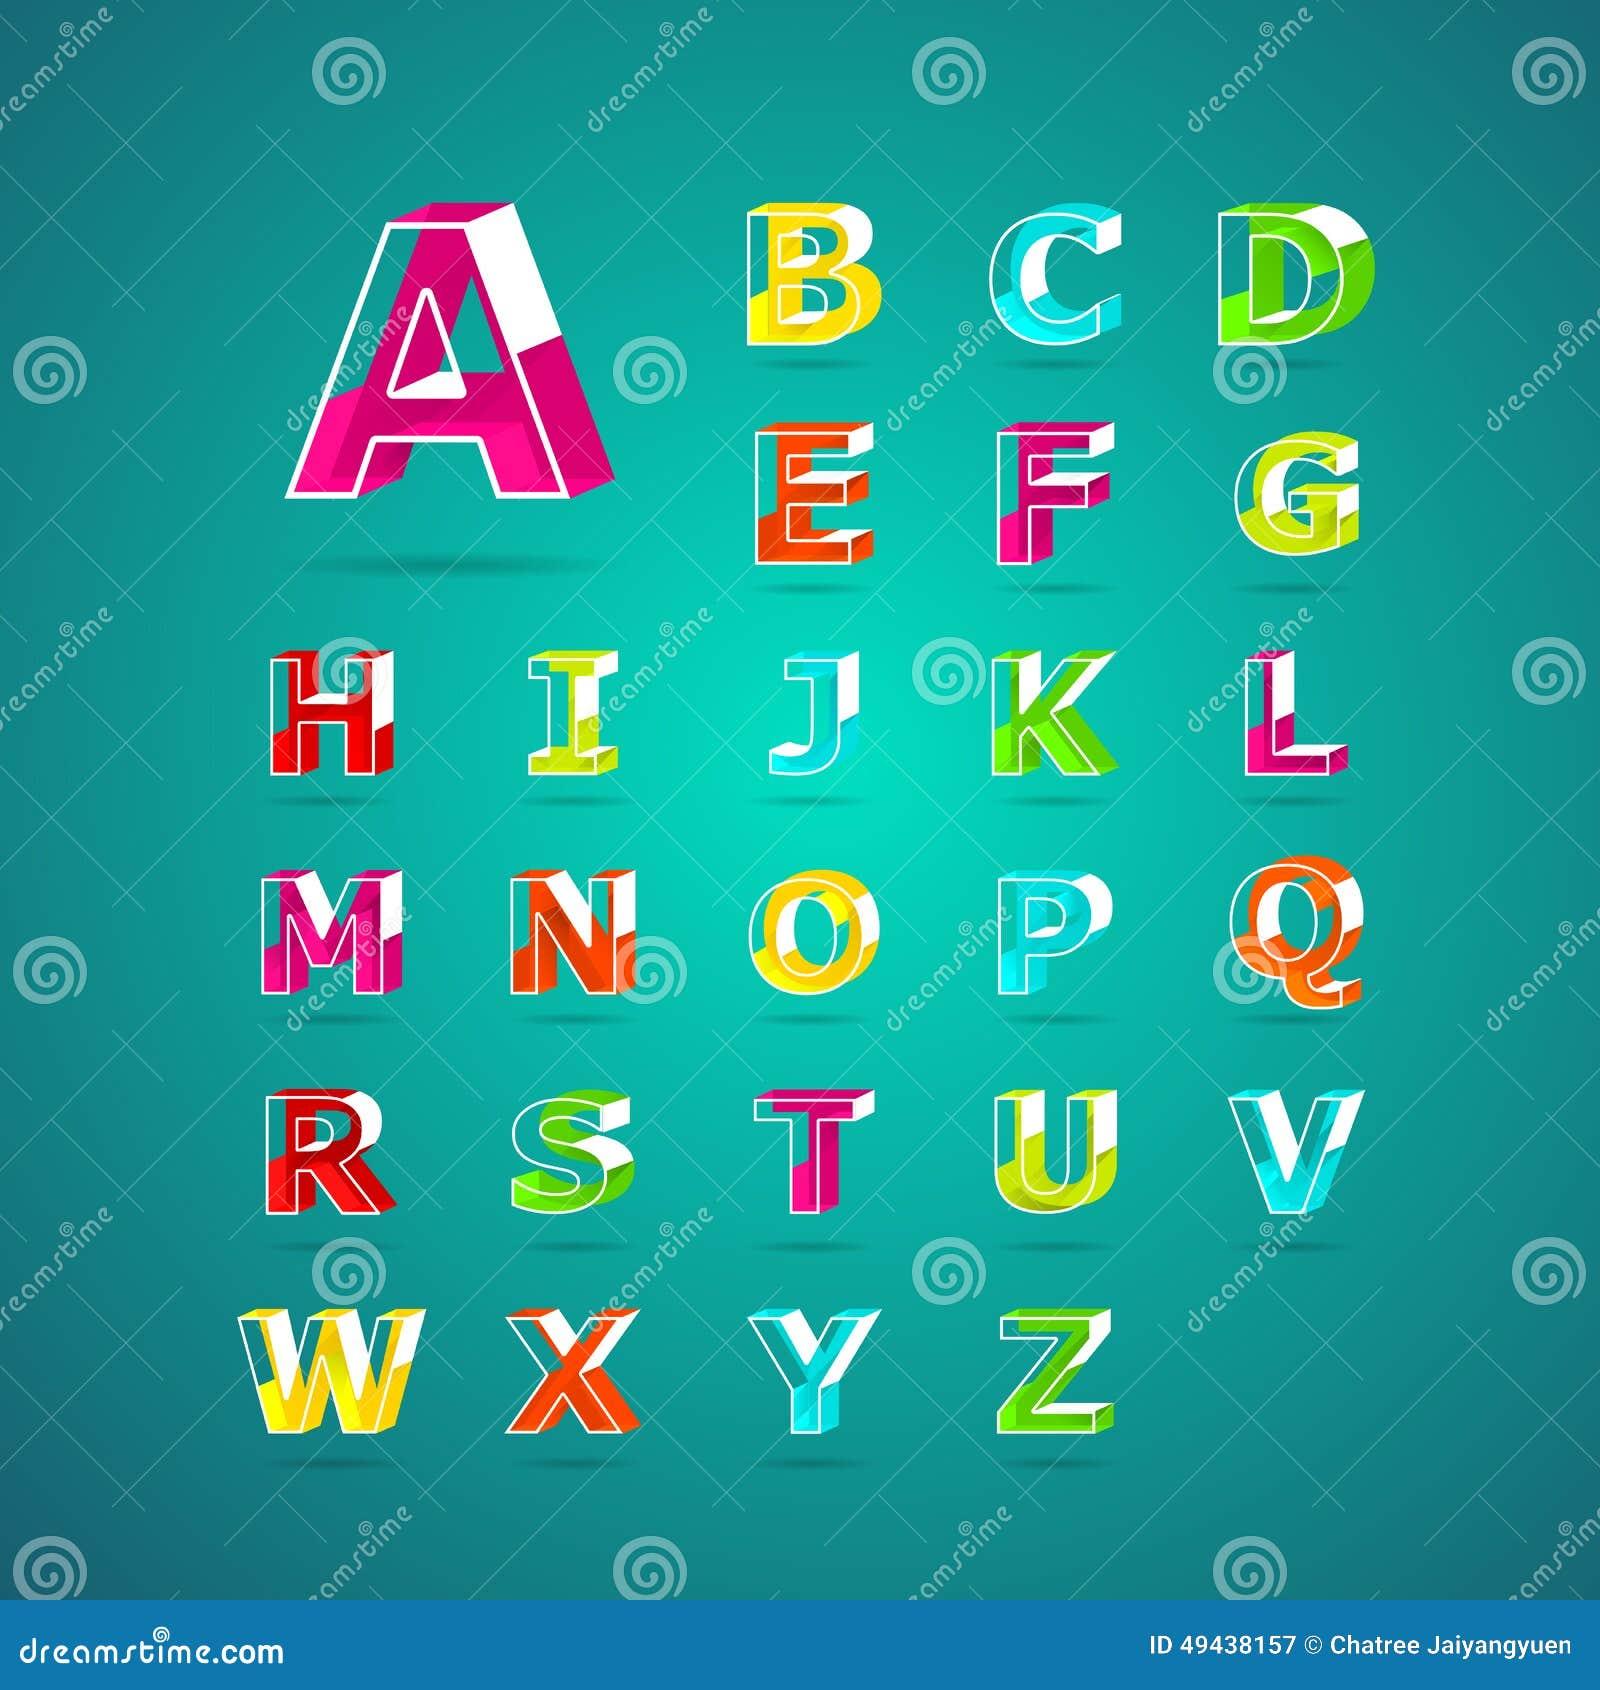 Image Result For Alphabet U Images Download